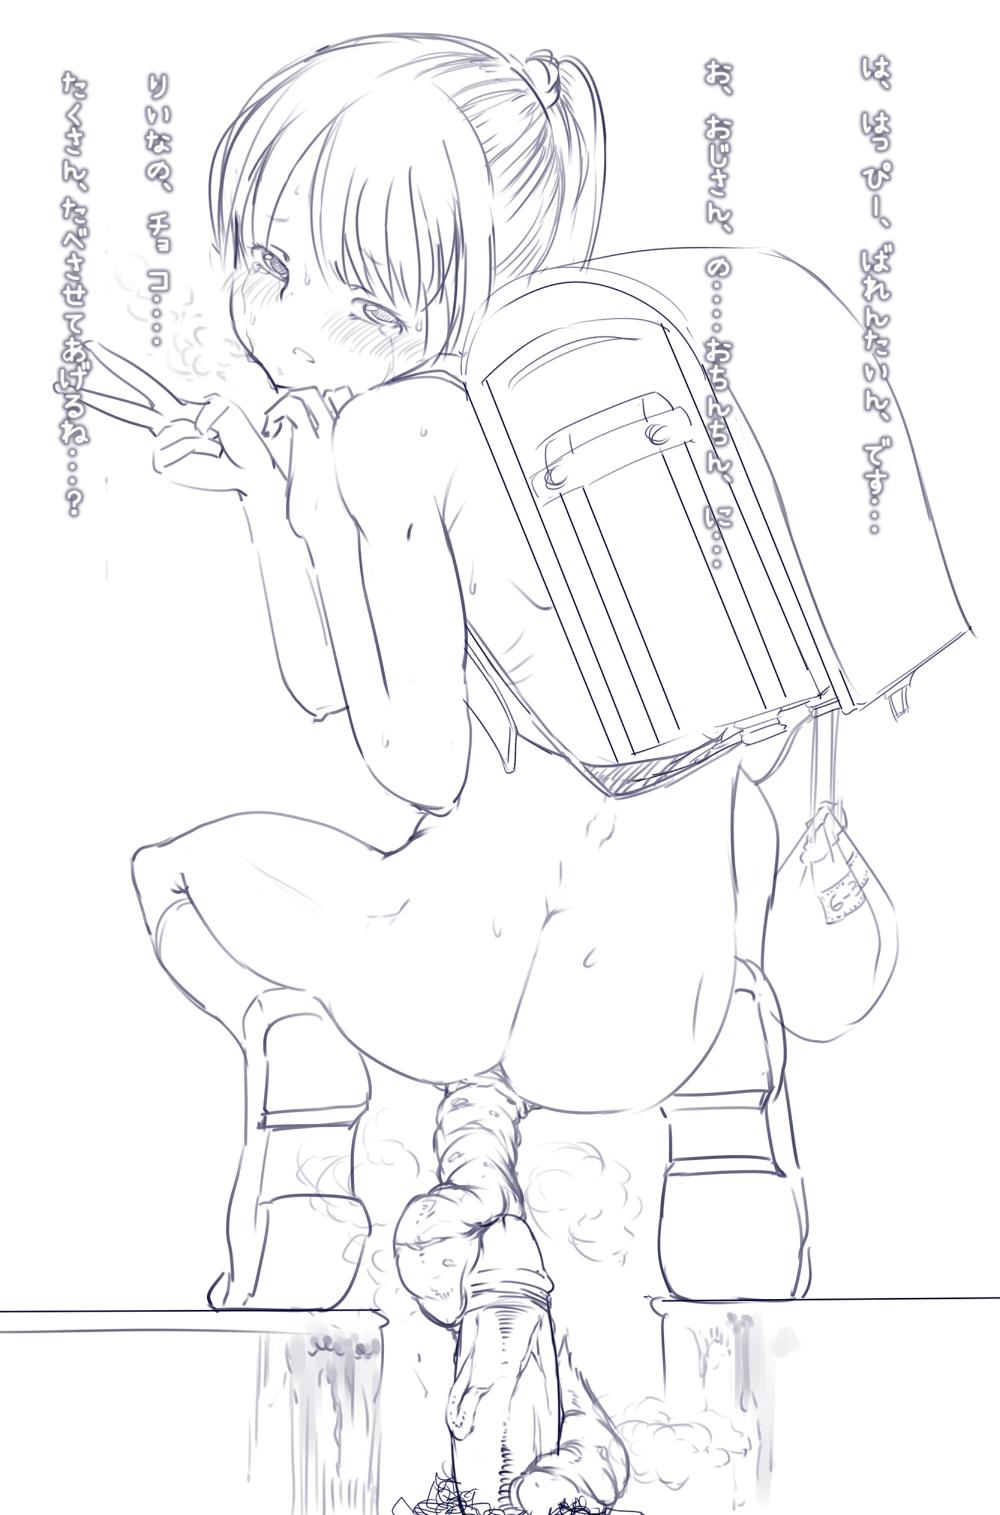 【うんこ】スカトロ絵を描くスレ【みちみち】 [無断転載禁止]©bbspink.com->画像>167枚